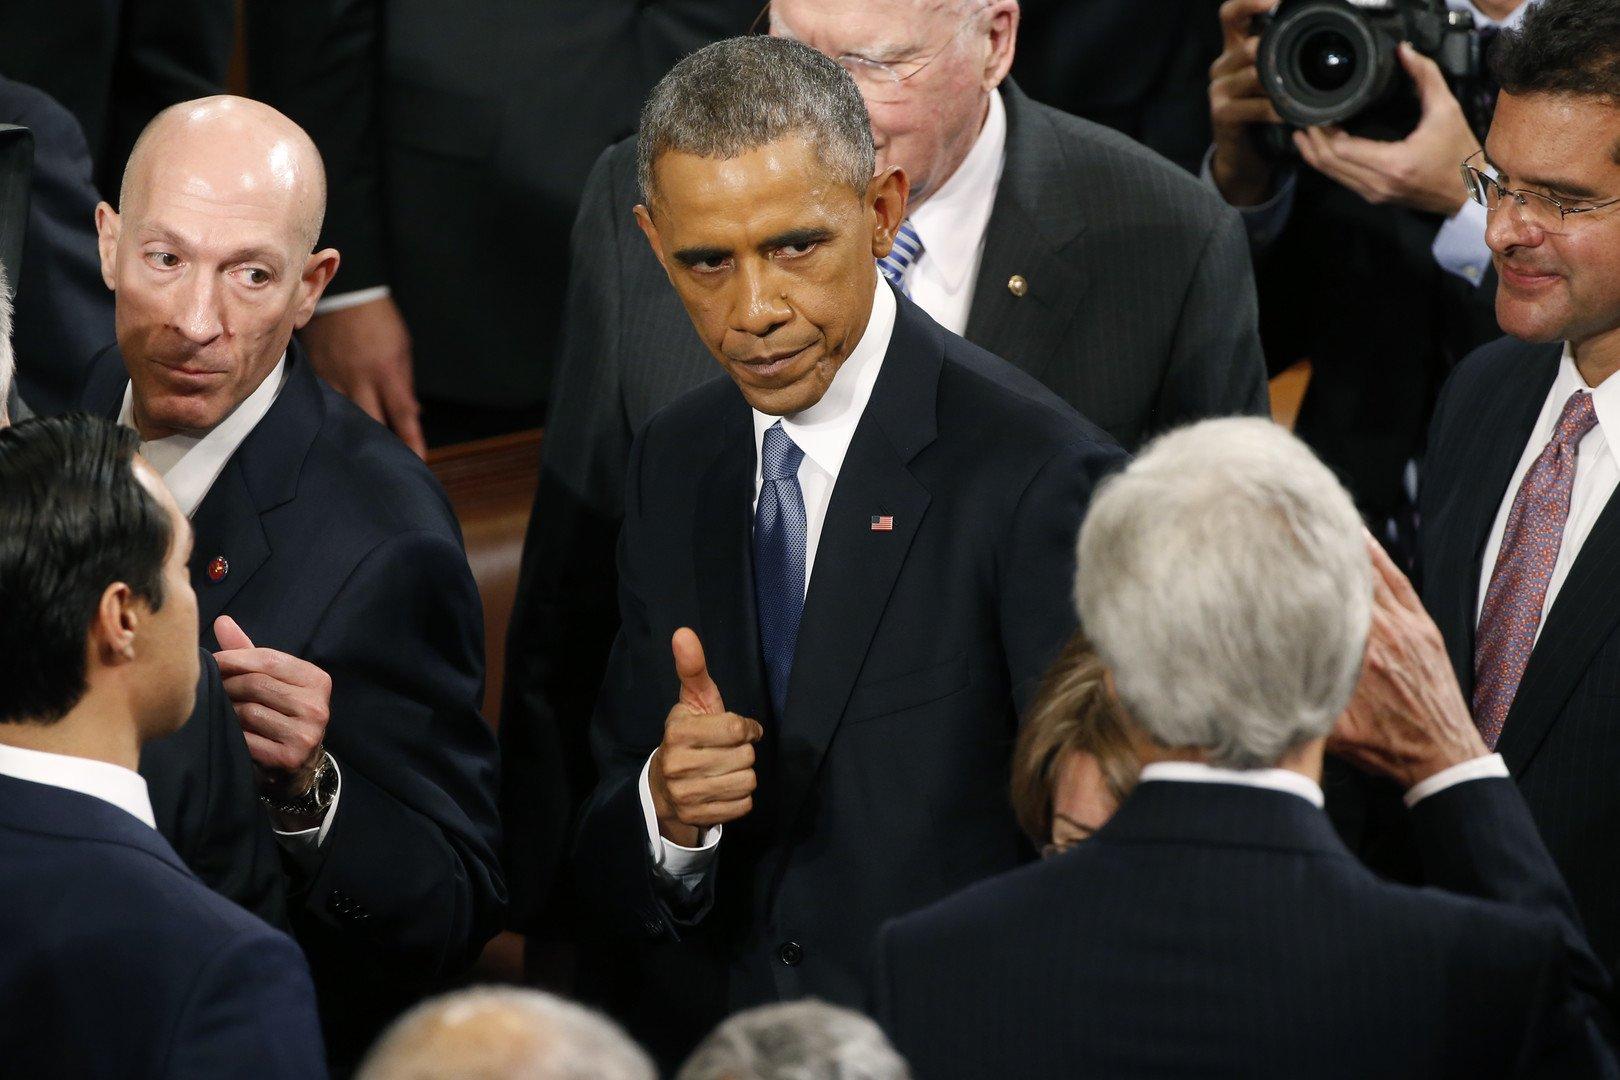 Le discours de Barak Obama sur l'état de l'Union le 20 janvier 2015. (REUTERS/Jonathan Ernst)